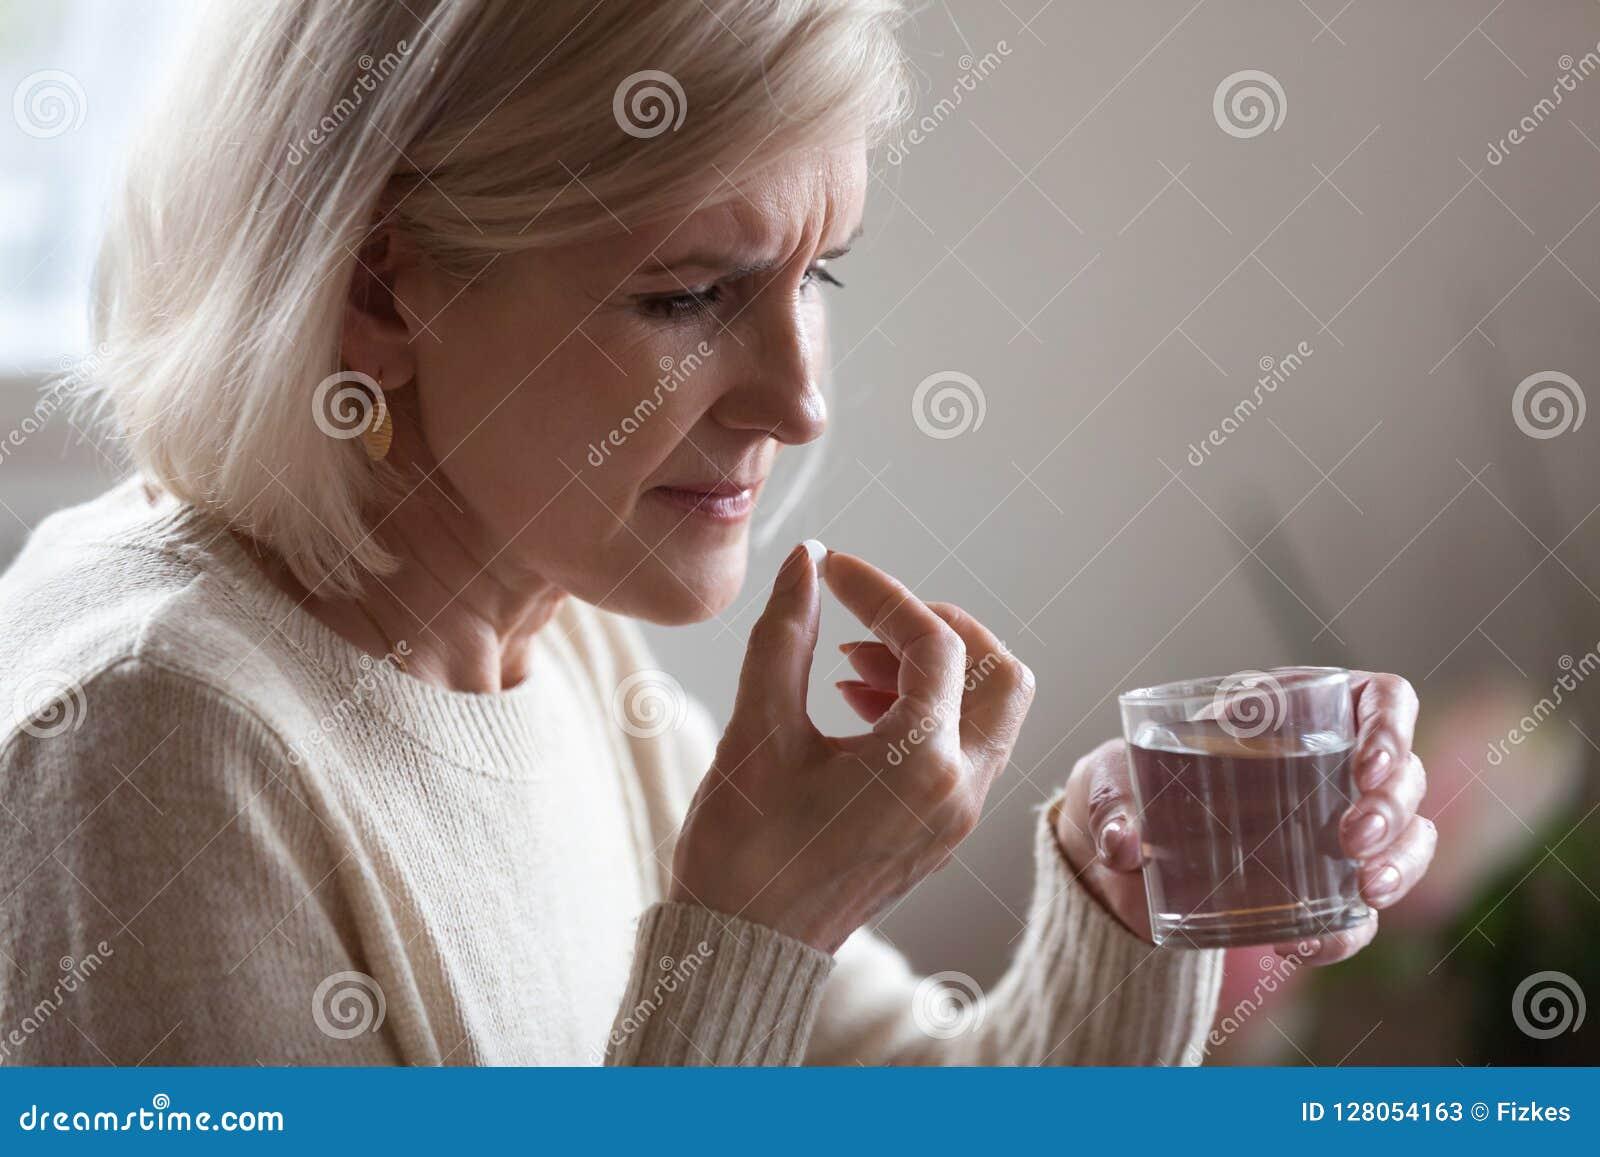 Ανώτερα χάπι εκμετάλλευσης γυναικών και νερό γυαλιού που παίρνει την ιατρική